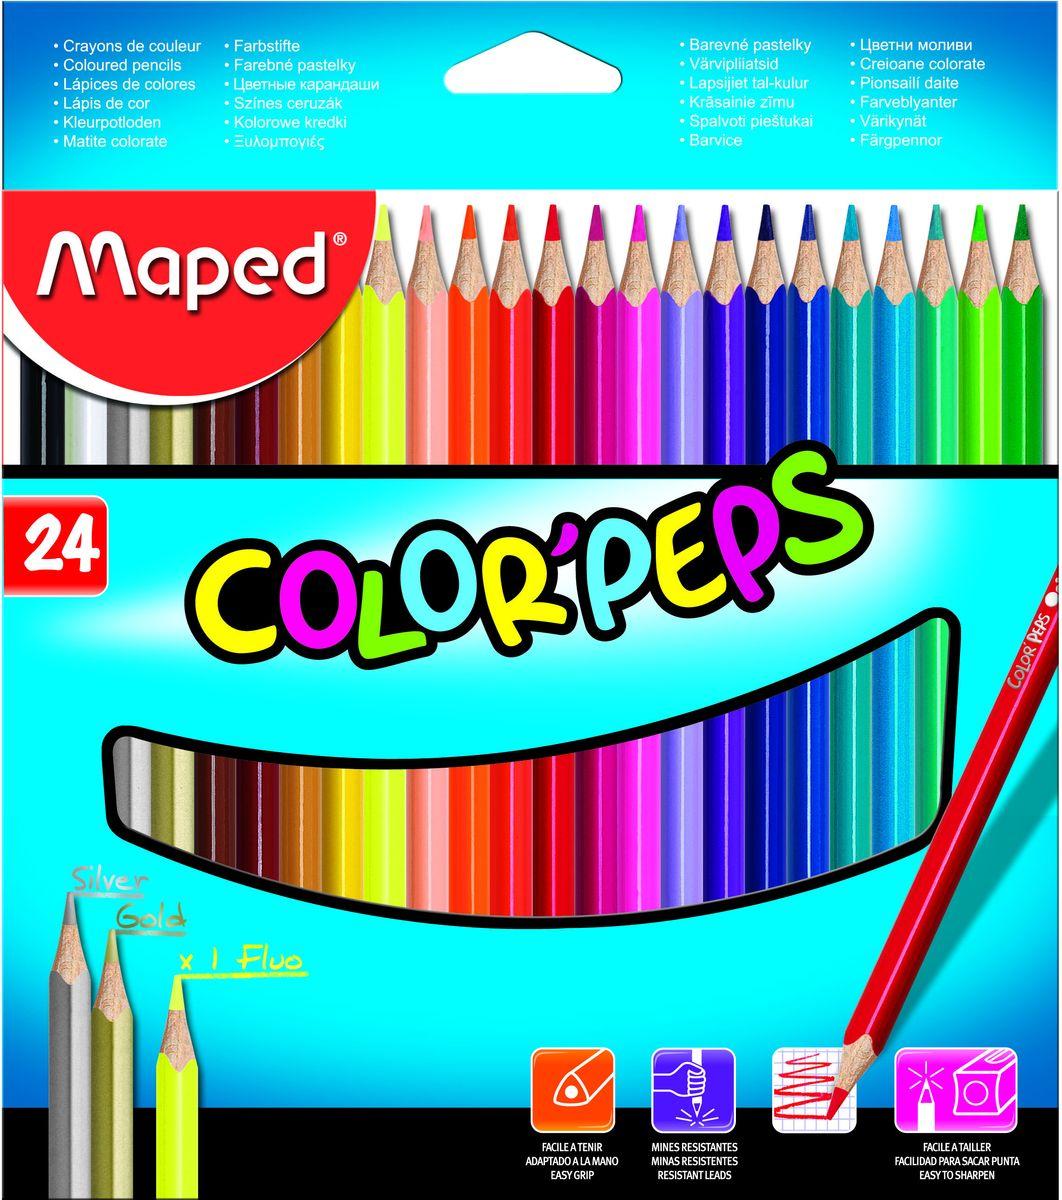 Maped Набор цветных карандашей Colorpeps 24 цветаC13S041944Карандаши цветные из американской липы, треугольные, ударопрочный грифель, в картонном футляре, 24 цвета.